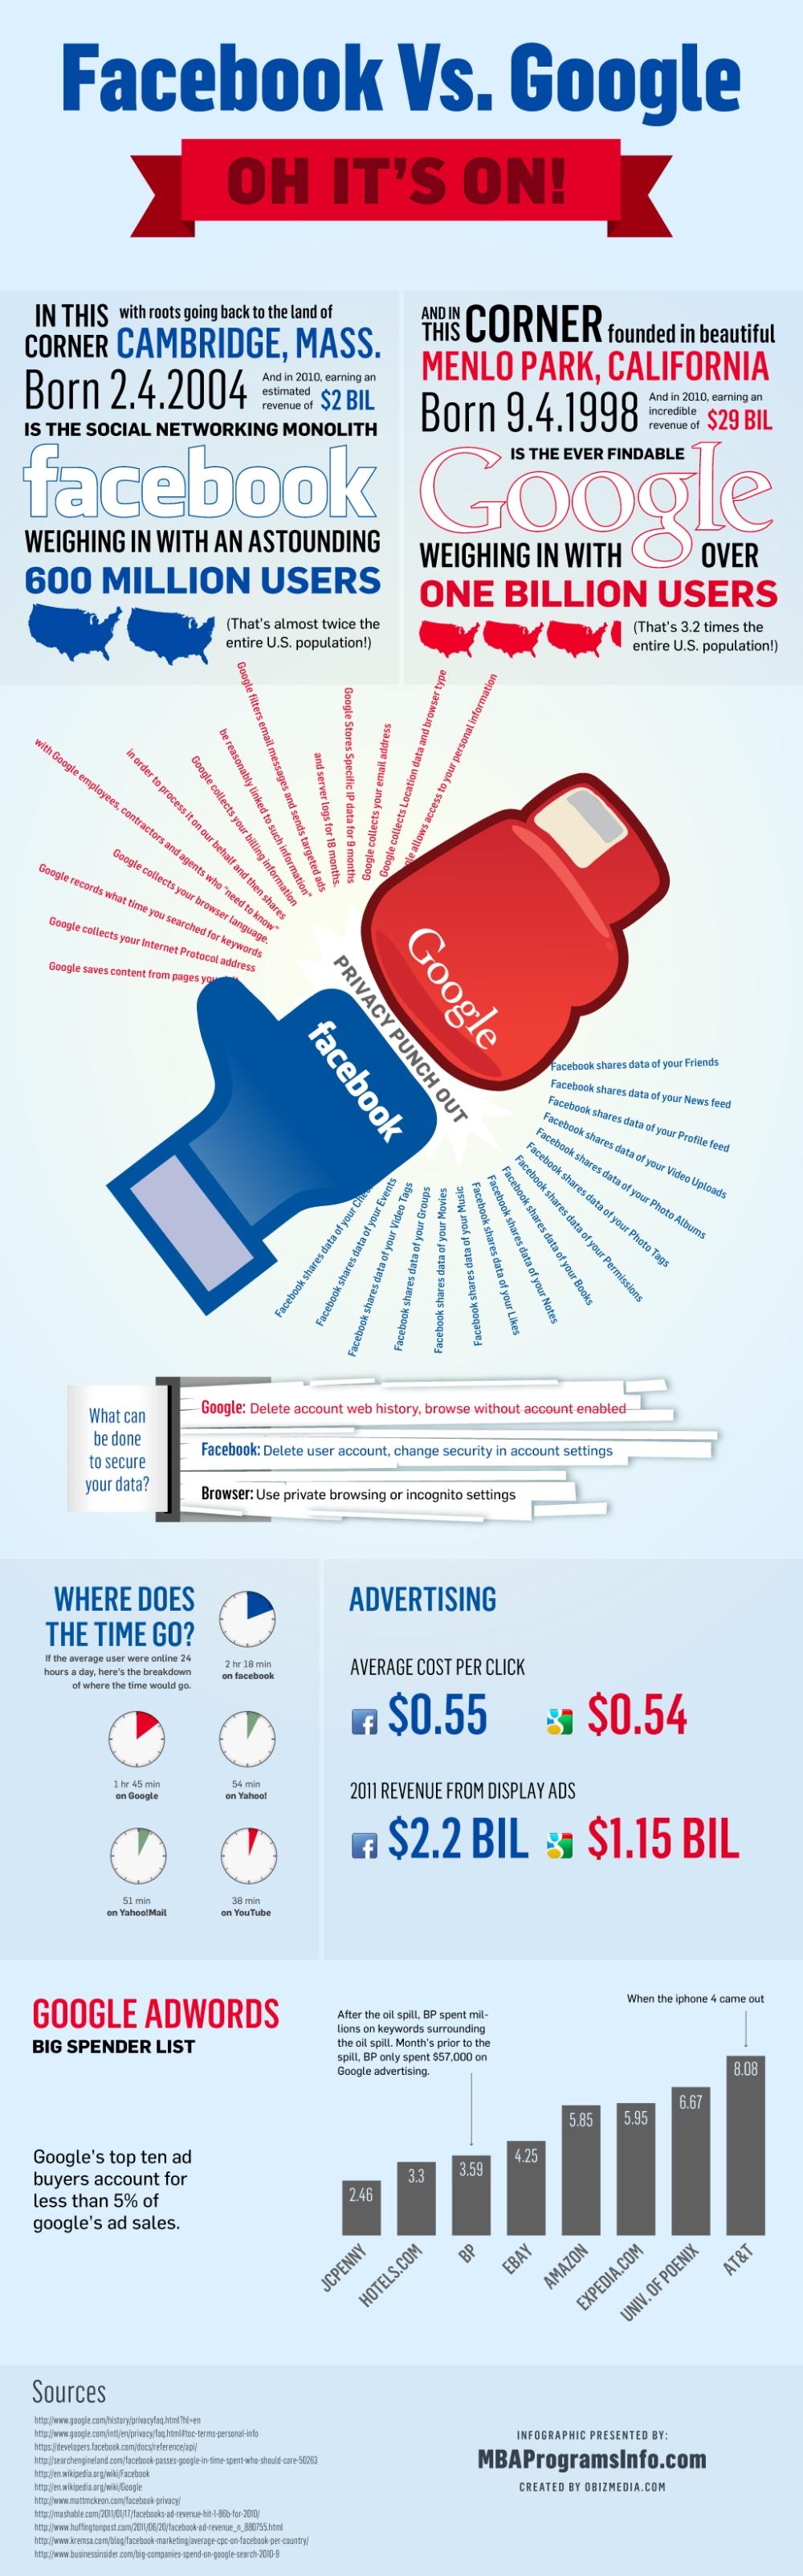 FacebookVsGoogleLrg